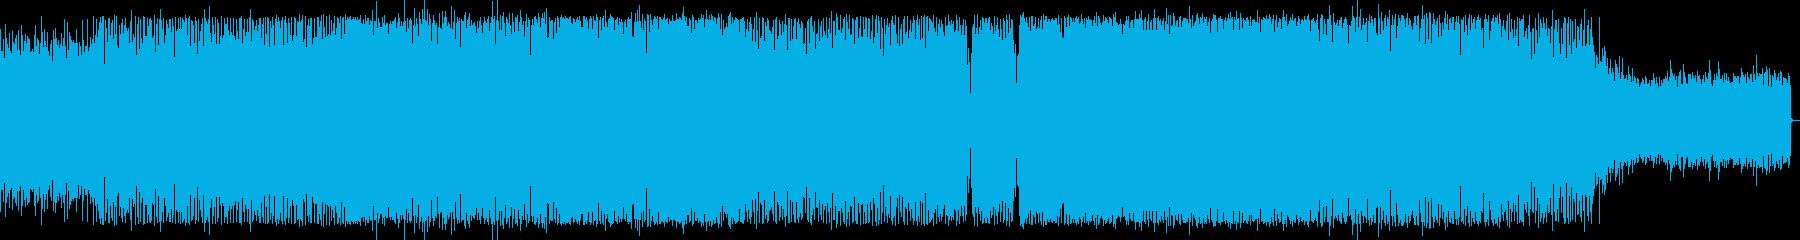 宇宙感のシンセサイザーなどハウス系EDMの再生済みの波形